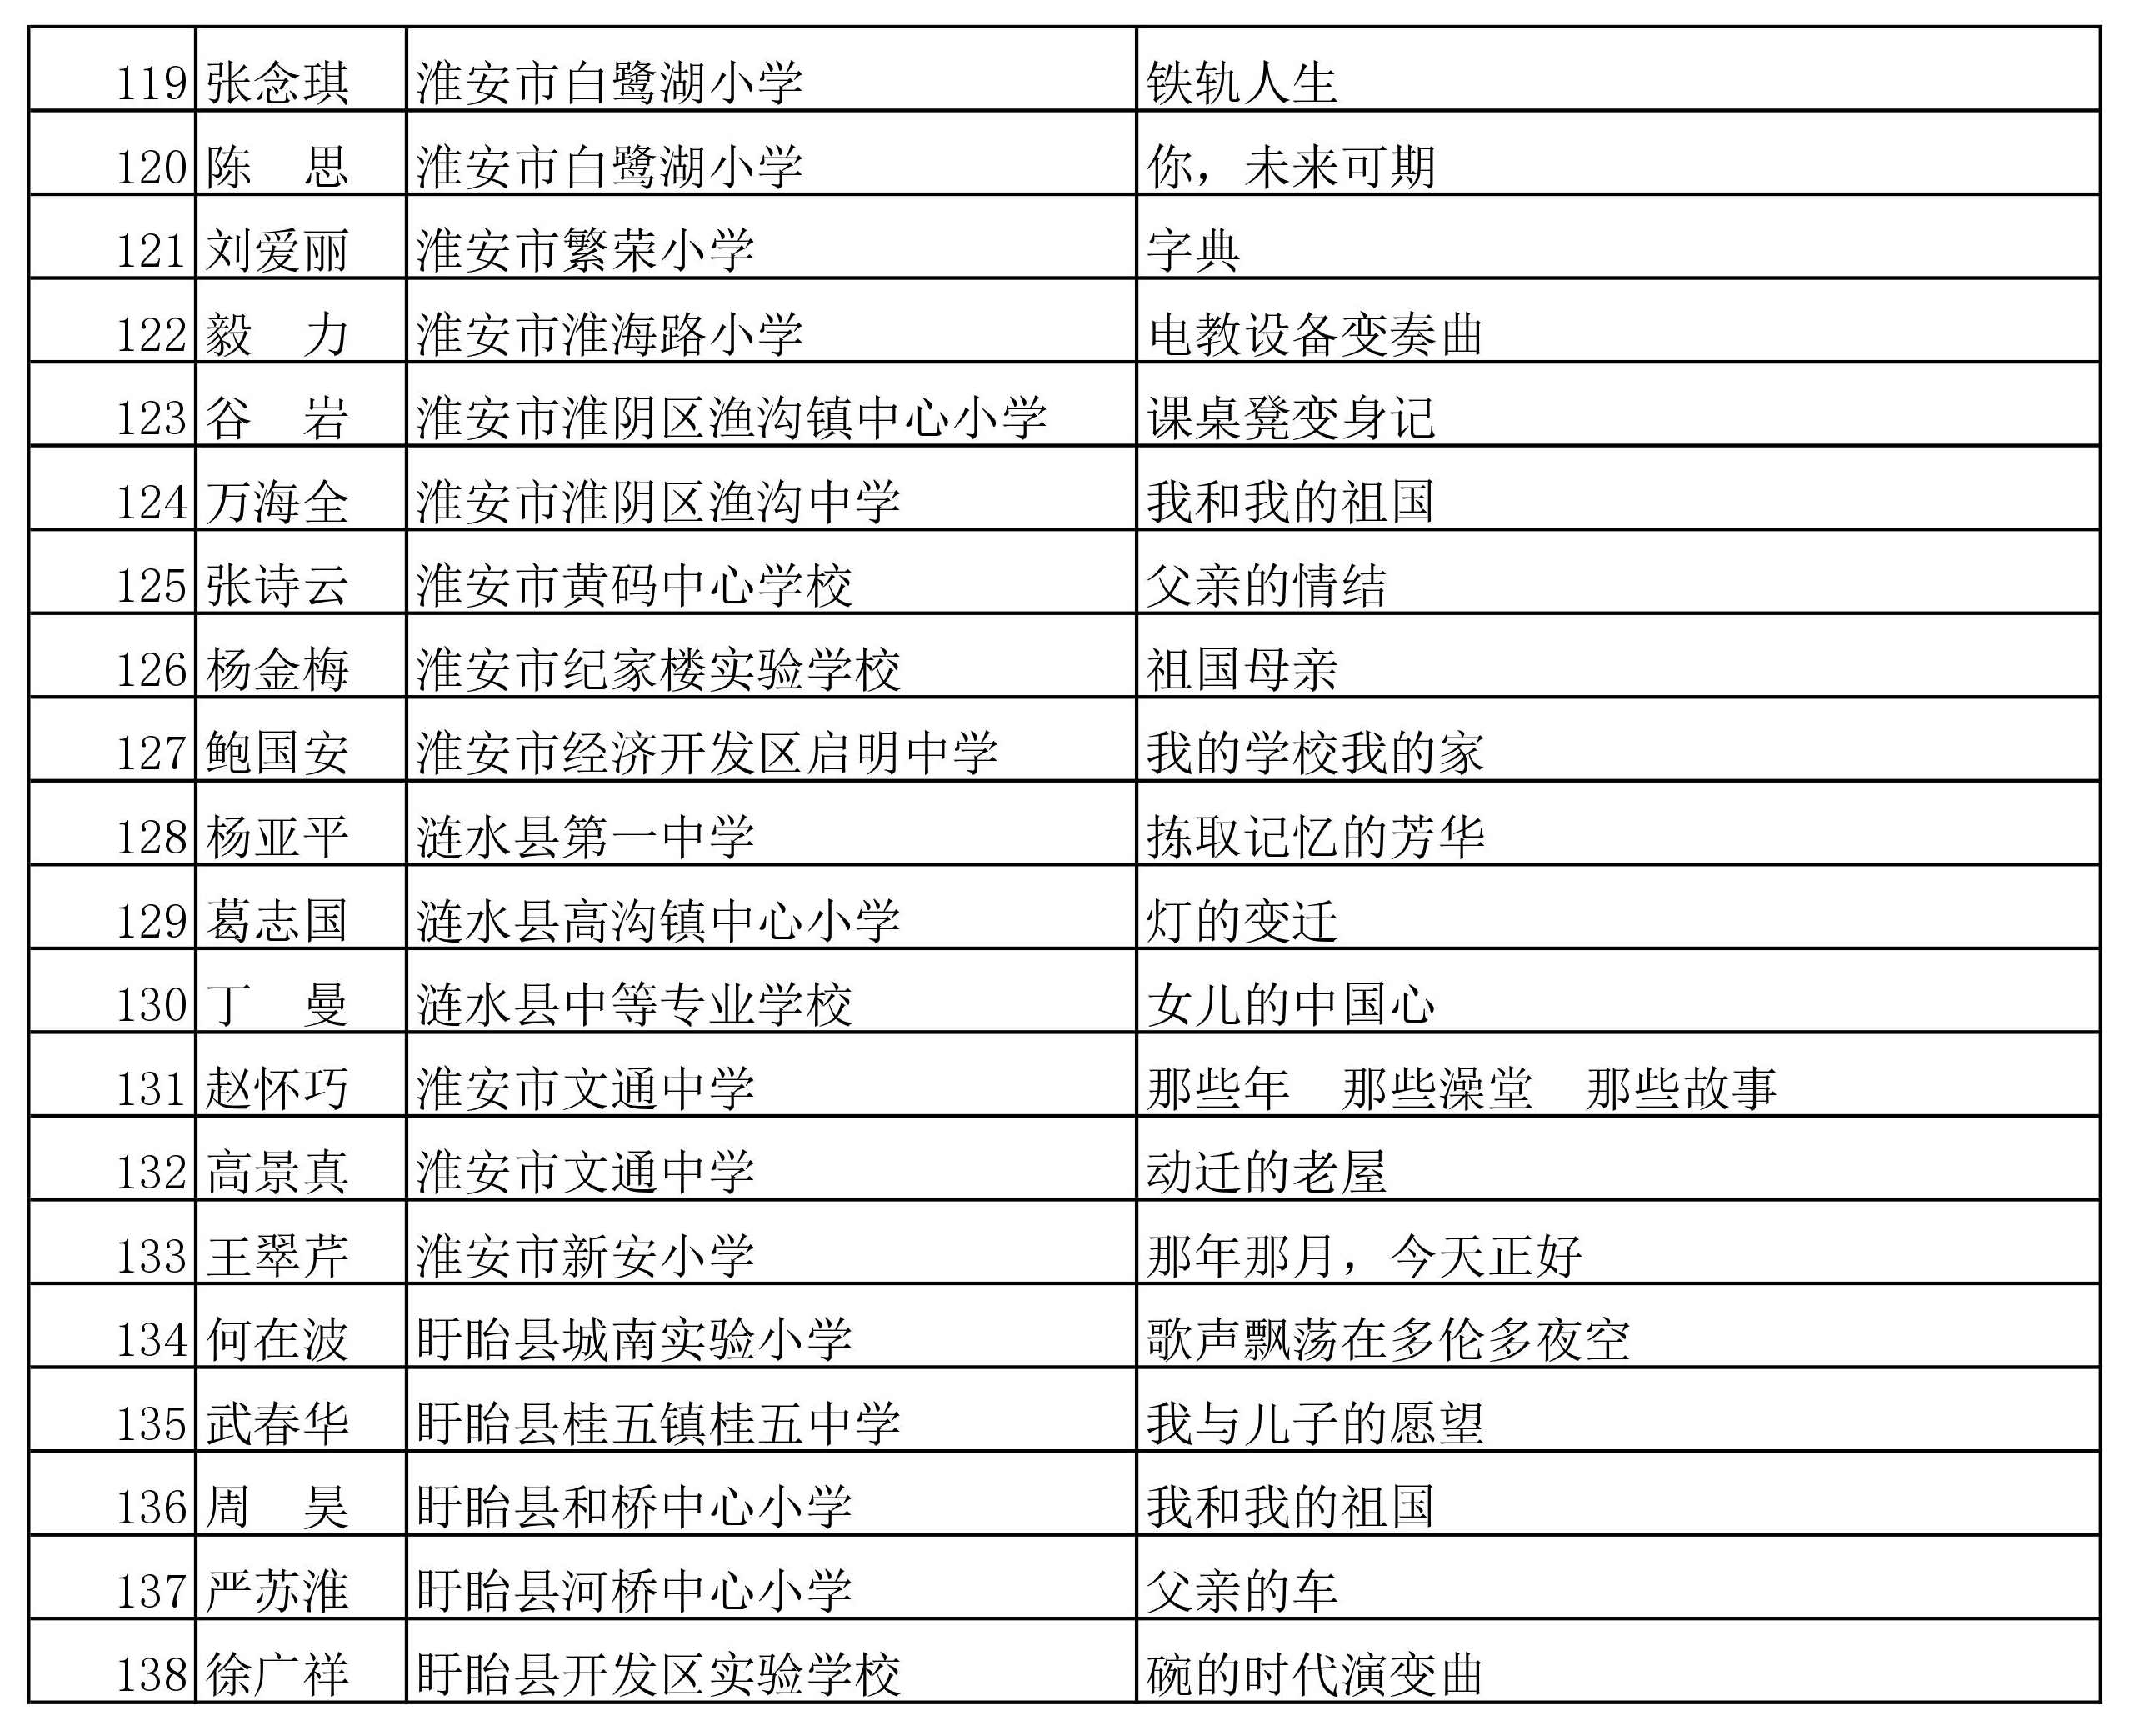 0007_副本.jpg